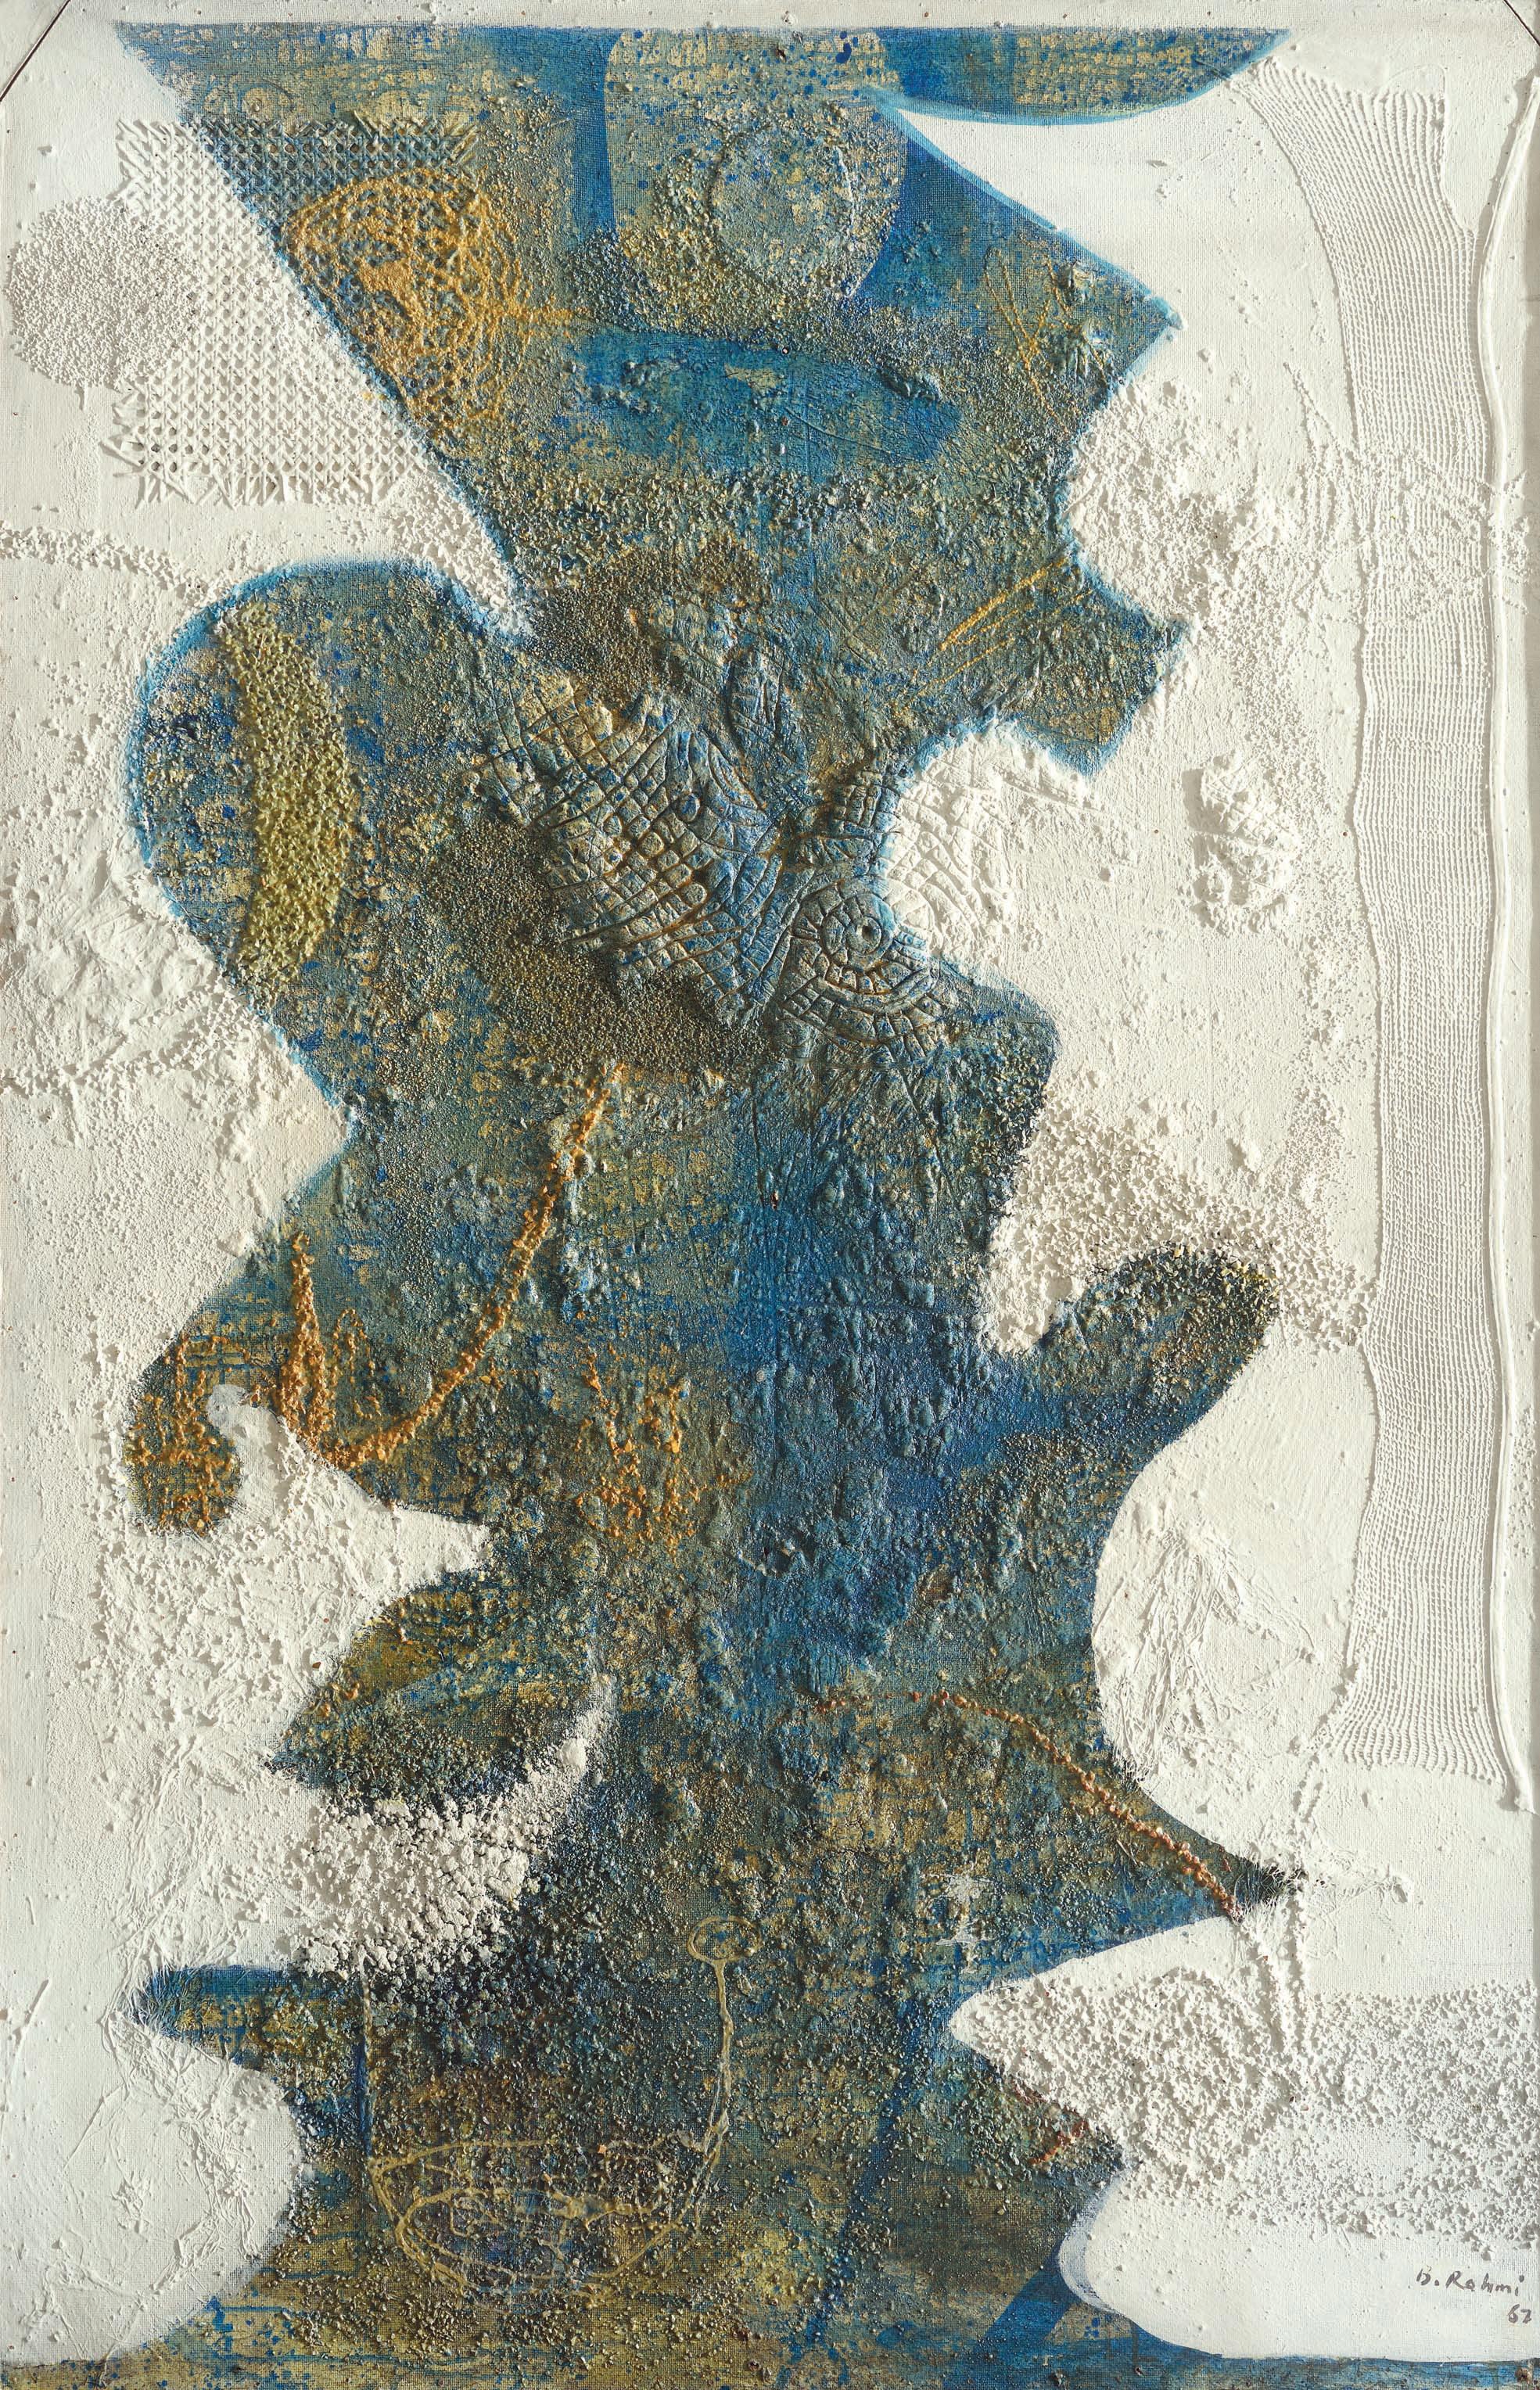 """Bedri Rahmi Eyüboğlu, 1967, """"Soyut-Boğaz"""", duralit üzerine akrilik, 183x122 cm, Mehmet Hamdi Eyüboğlu Koleksiyonu."""